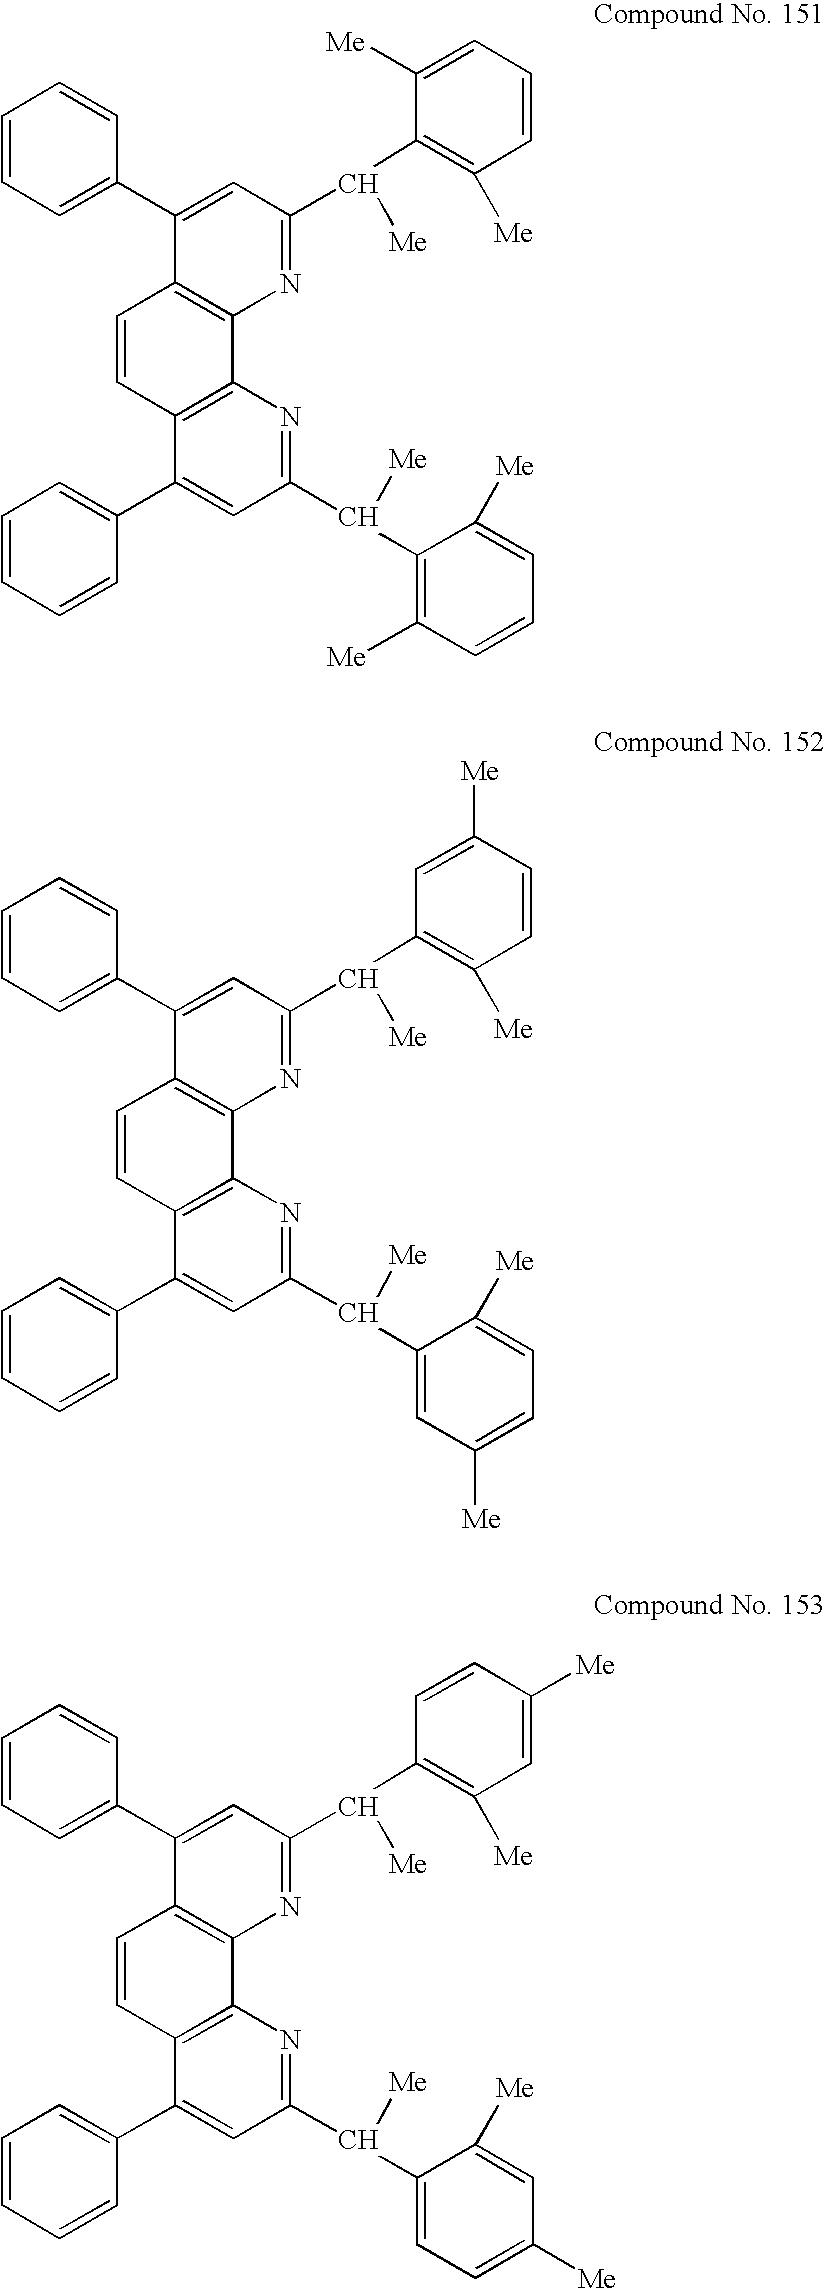 Figure US20050073641A1-20050407-C00049